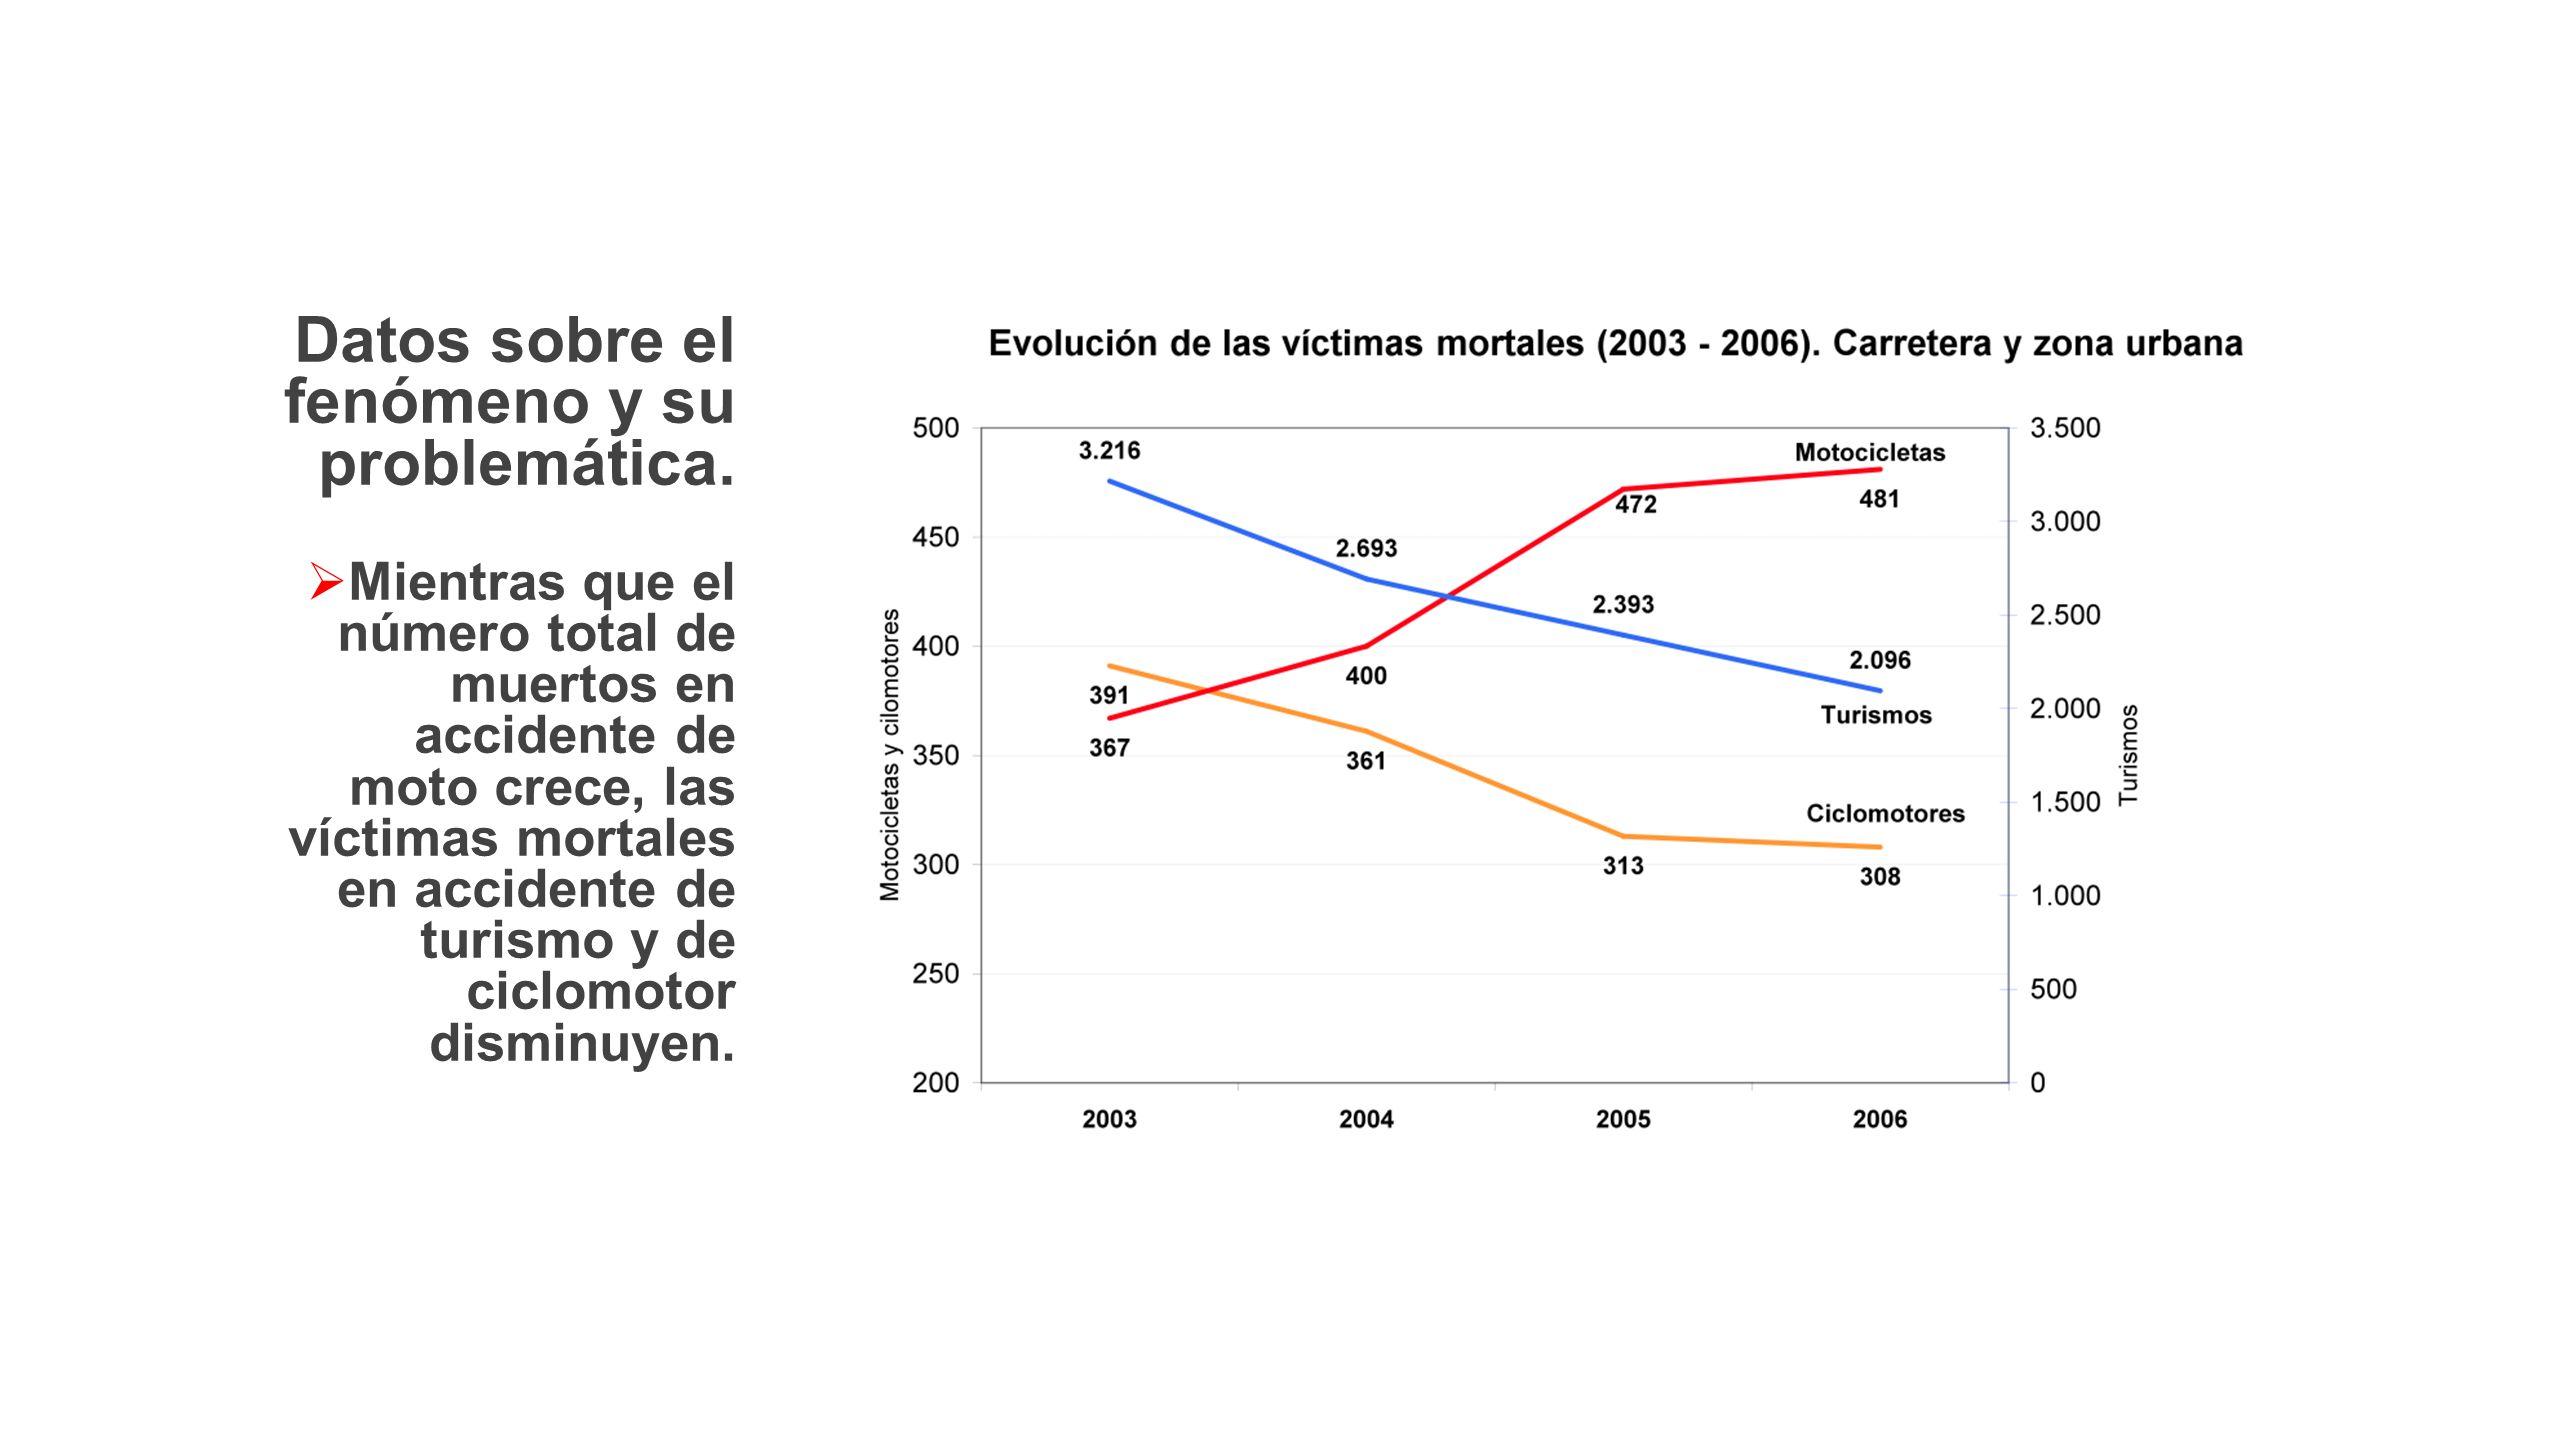 Datos sobre el fenómeno y su problemática. Mientras que el número total de muertos en accidente de moto crece, las víctimas mortales en accidente de t